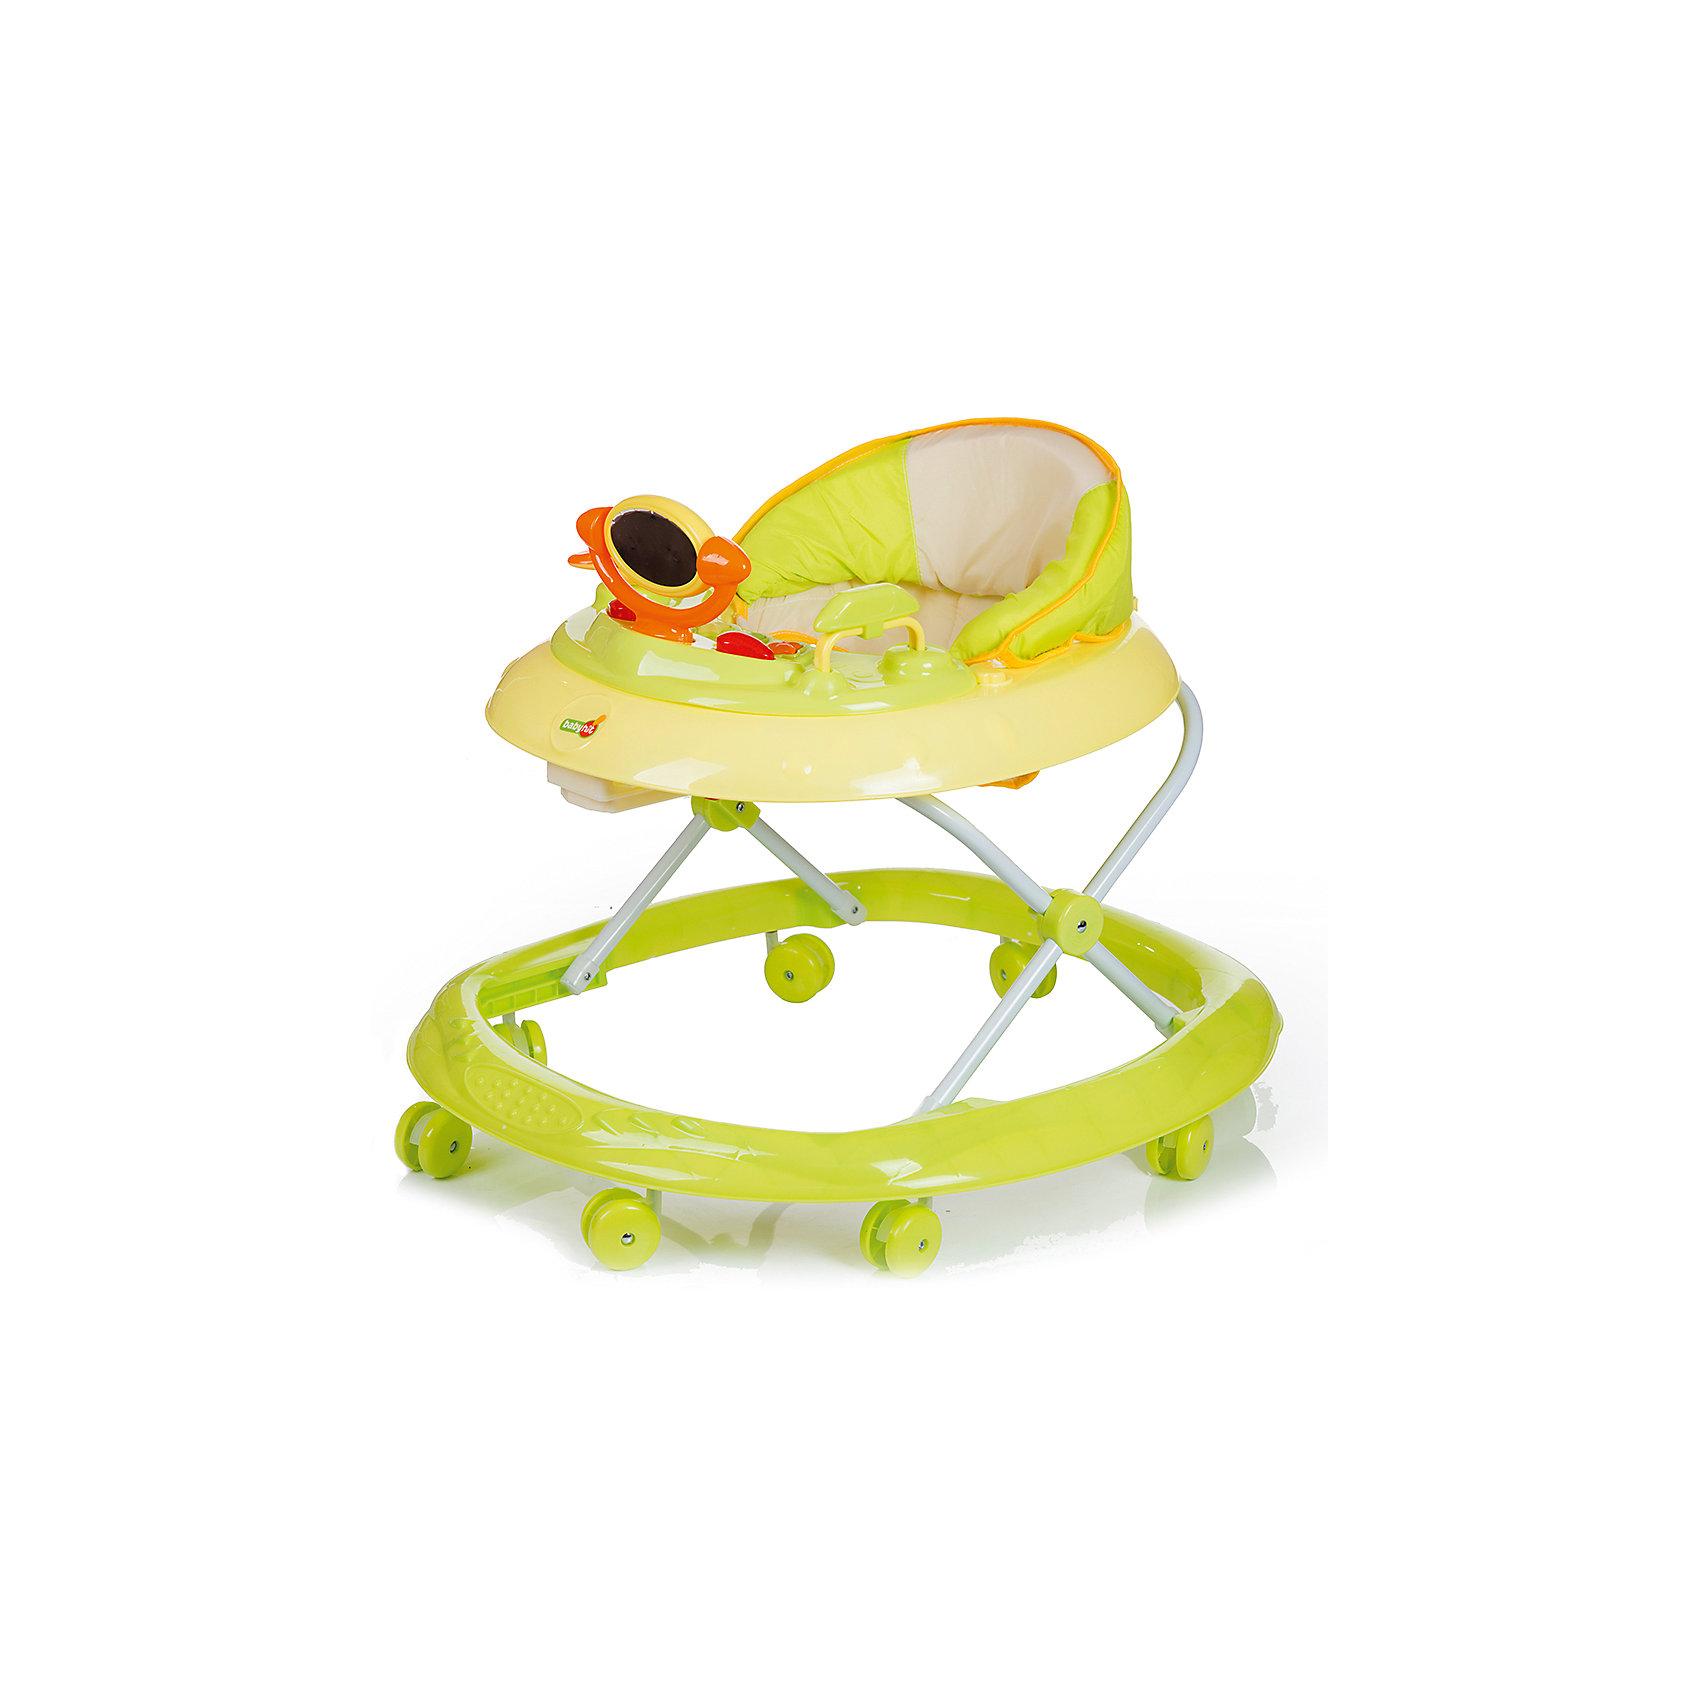 Ходунки BALANCE, Babyhit, зелёныйХодунки<br>Характеристики:<br><br>• устойчивость конструкции;<br>• регулируемая высота ходунков; <br>• сиденье эргономичной формы, наличие спинки;<br>• мягкая подкладка, съемный чехол;<br>• игровая панель с развивающими свето-музыкальными игрушками;<br>• поворотные сдвоенные колесики;<br>• допустимая нагрузка: 12 кг;<br>• размер ходунков: 67х63х52 см;<br>• вес: 3,02 кг.<br><br>Устойчивые ходунки на колесиках позволяют ребенку без труда перемещаться по дому, исследовать окружающий мир. Свобода действия и двигательная активность поможет развить координацию, ориентир в пространстве, стремление к преодолению препятствий. <br><br>Ходунки BALANCE, Babyhit, цвет зеленый можно купить в нашем интернет-магазине.<br><br>Ширина мм: 670<br>Глубина мм: 630<br>Высота мм: 520<br>Вес г: 3020<br>Возраст от месяцев: 6<br>Возраст до месяцев: 18<br>Пол: Унисекс<br>Возраст: Детский<br>SKU: 5500341